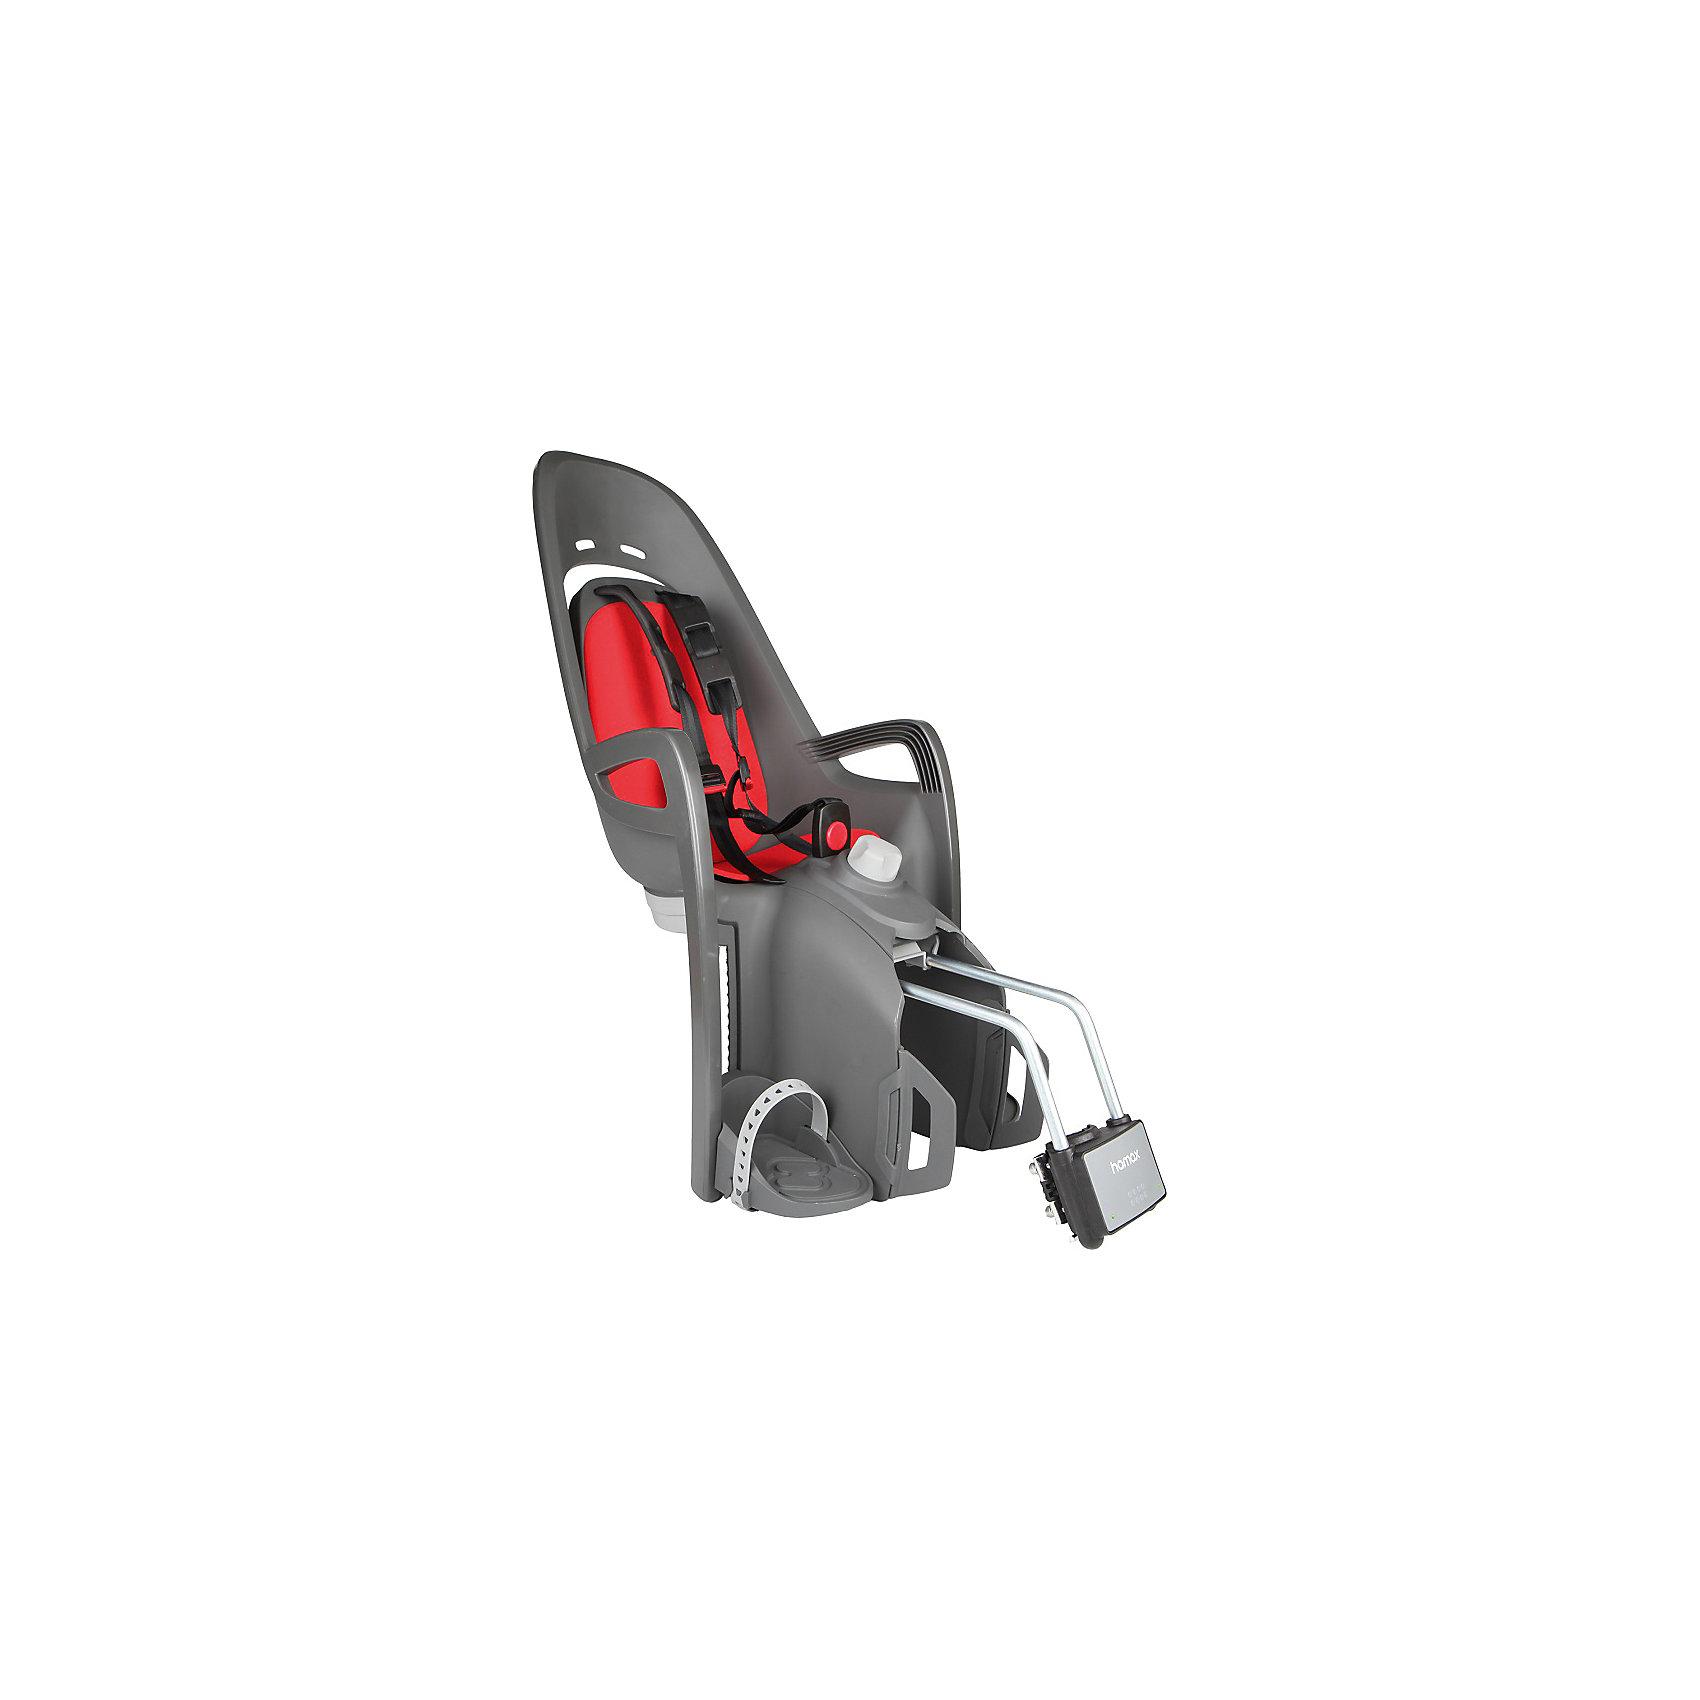 Детское велокресло 2017 Zenith Relax, Hamax, серый-красныйАксеcсуары для велосипедов<br>Характеристики товара:<br><br>• цвет: серый, красный<br>• для детей в возрасте старше 9 месяцев и весом до 22 кг<br>• наличие регулировки угла наклона велокресла в 12,5 градусов <br>• проработанная эргономика кресла для максимально комфортной посадки<br>• 3-точечные ремни безопасности с дополнительным кронштейном для фиксации в районе груди<br>• специальная конструкция пряжек ремней безопасности/фиксации для предотвращения саморастегвания ребенка<br>• возможность установить на любом велосипеде как с багажником, так и без<br>• регулируемый ремень безопасности и подножки<br>• регулировка подножек одной рукой<br>• мягкие плечевые пряжки ремней<br>• несущие дуги крепления велокресла обеспечивает отличную амортизацию<br>• подходит для подседельных труб рамы велосипеда диаметром от 28 до 40 мм. (круглые и овальные)<br>• система крепления велокресла не мешает тросам переключения передач<br>• вес: 3740гр.<br>• размер: 37х80х34см<br><br>Отличительные особенности  HAMAX ZENITH RELAX от Hamax ZENITH это наличие регулировки угла наклона кресла в 12,5 градусов.<br><br>Дополнительные мягкие пряжки для фиксации ребенка в кресле обеспечивают надежную фиксацию ребенка в велокресле, позволяя при необходимости совершать резкие маневры и торможения. <br><br>Эргономика велокресла расчитанна так что спинка кресла не будет мешать голове ребенка в моменты когда он хочет откинуться назад кресла в шлеме.<br><br>Все детские велосиденья Hamax растут вместе с ребенком!  Регулируються и ремень безопасности и подножки.<br><br>Детское сиденье для велосипеда очень легко крепится и освобождается от велосипеда. Приобретая дополнительный кронштейн, вы можете легко переставлять детское сиденьес одного велосипеда на другой.<br><br>Материал изготовления: PP - полипропилен ( безопасный и гипоалергенный ) УФ стабильный - не боится солнечного воздействия.<br><br>Детское велокресло 2017 Zenith Relax, Hamax, серый-красный 